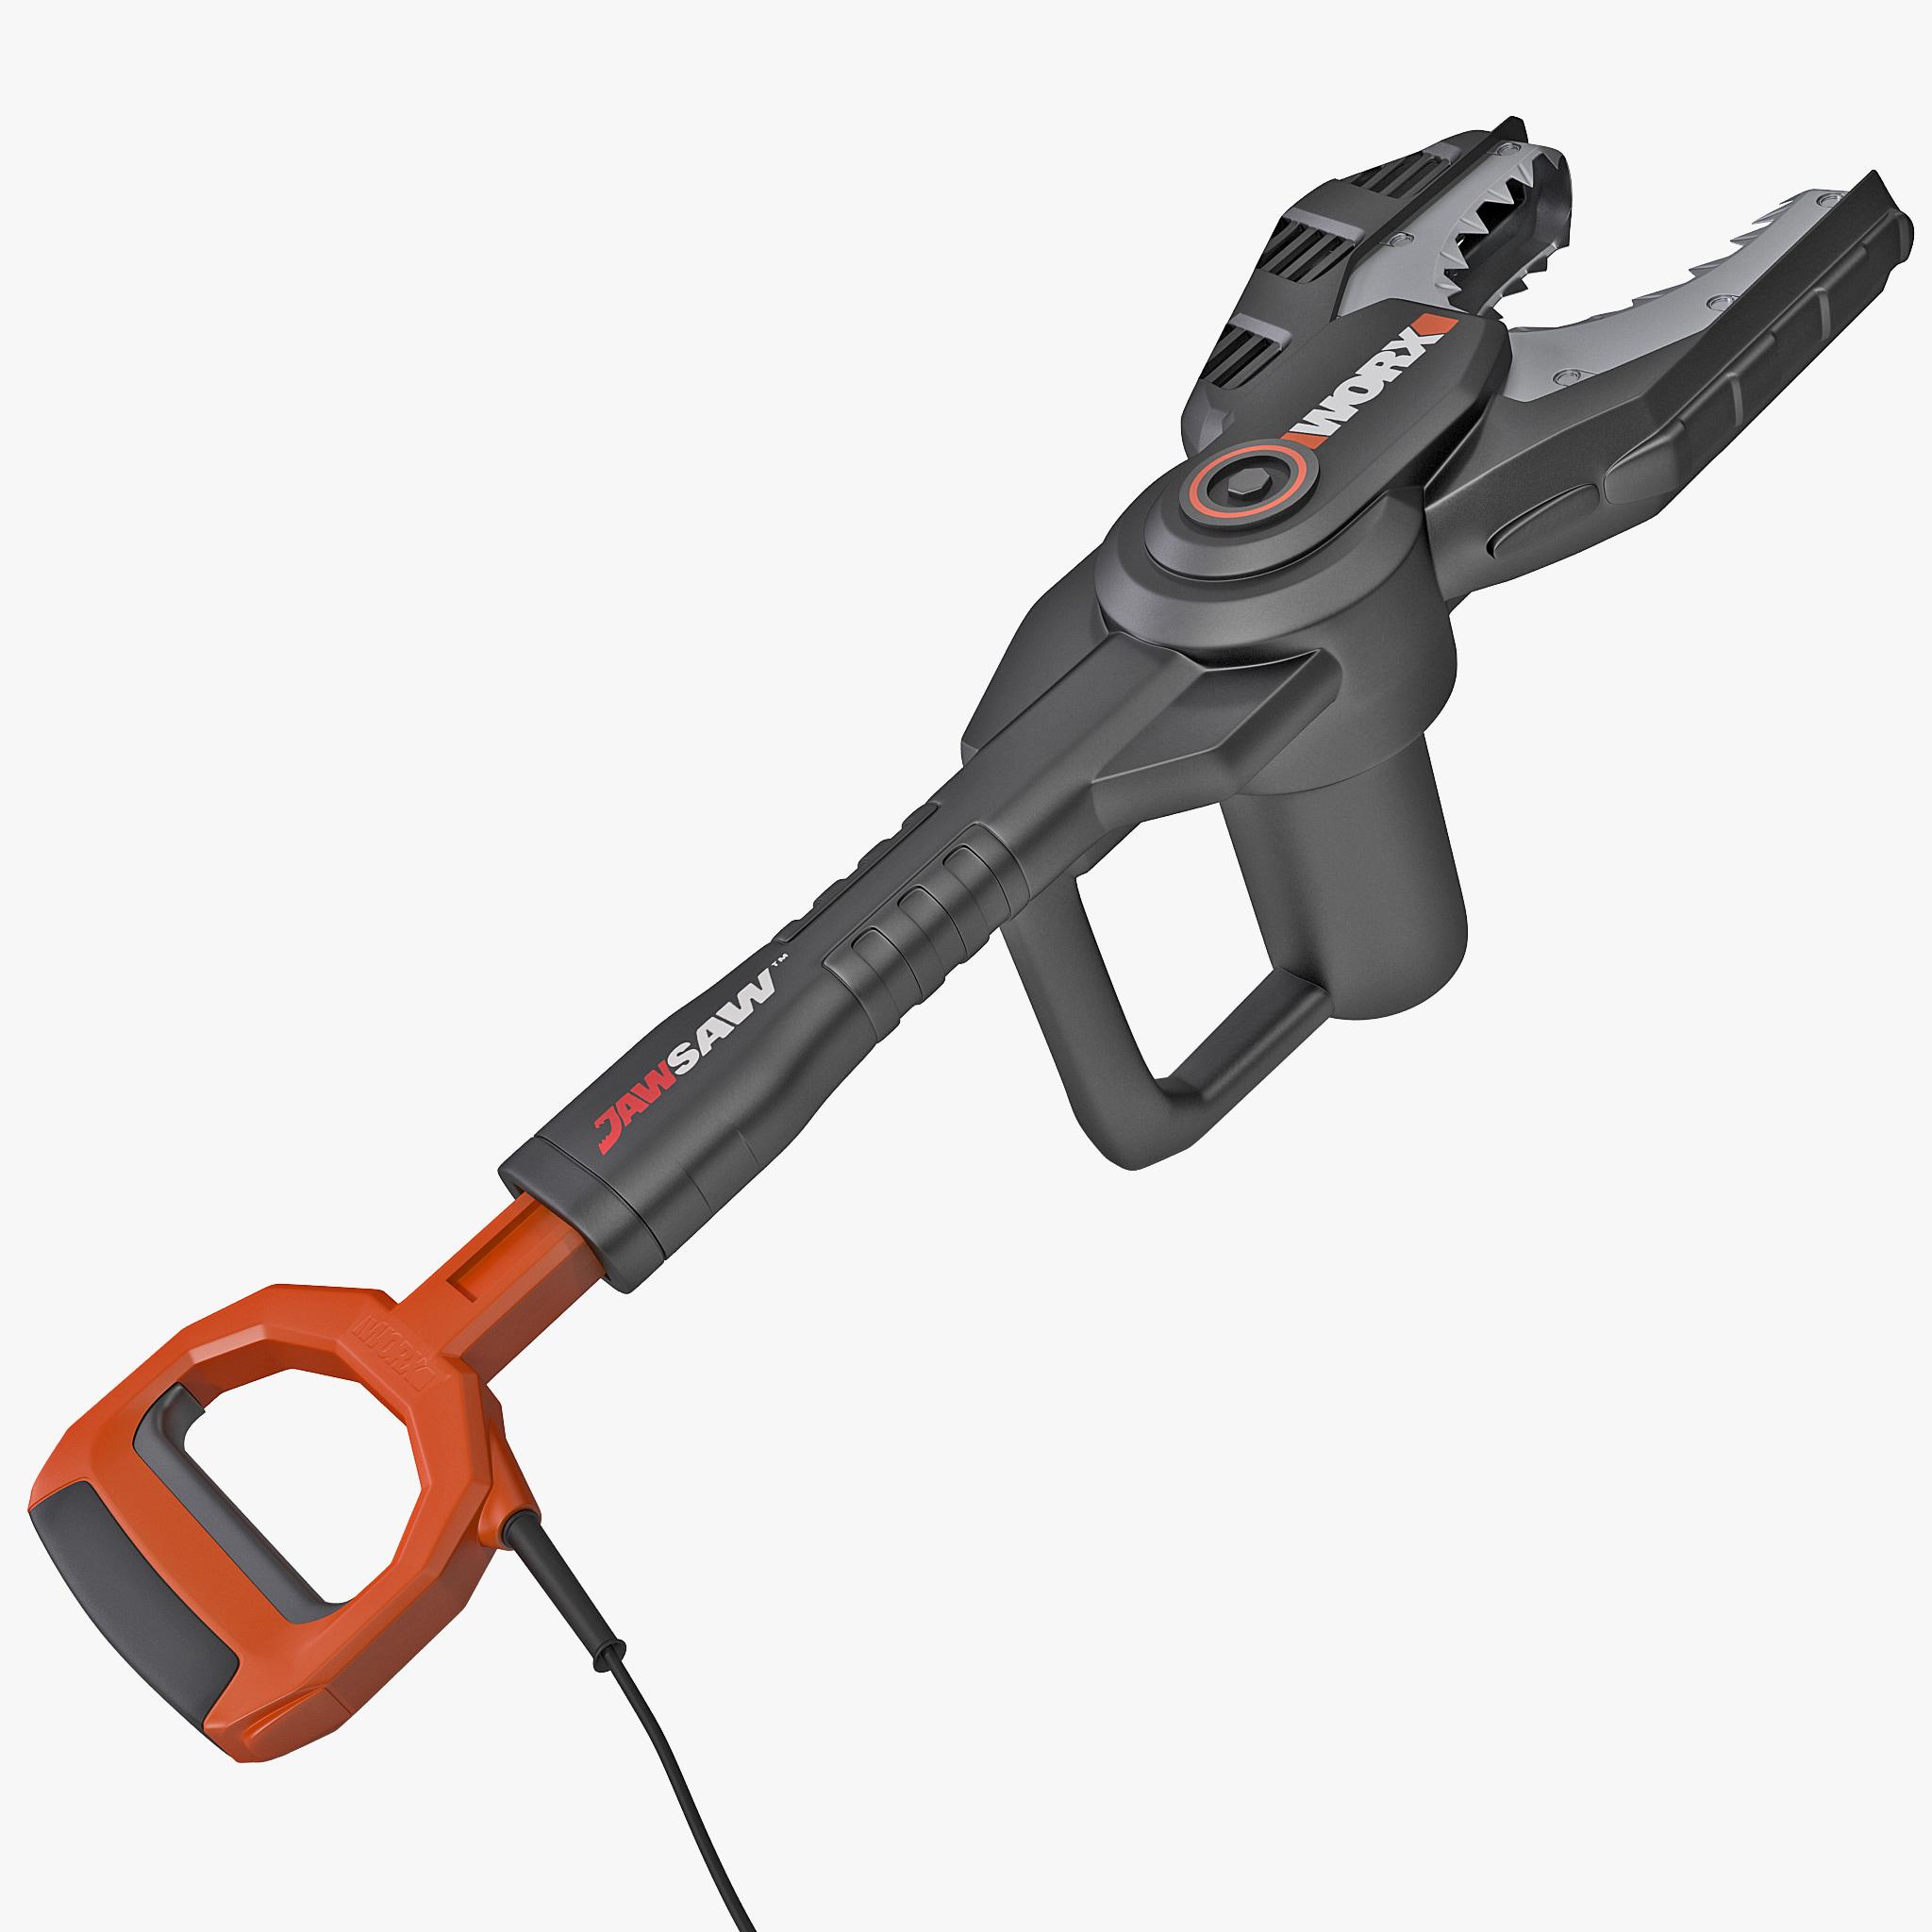 Electric JawSaw WORX WG308_1.jpg